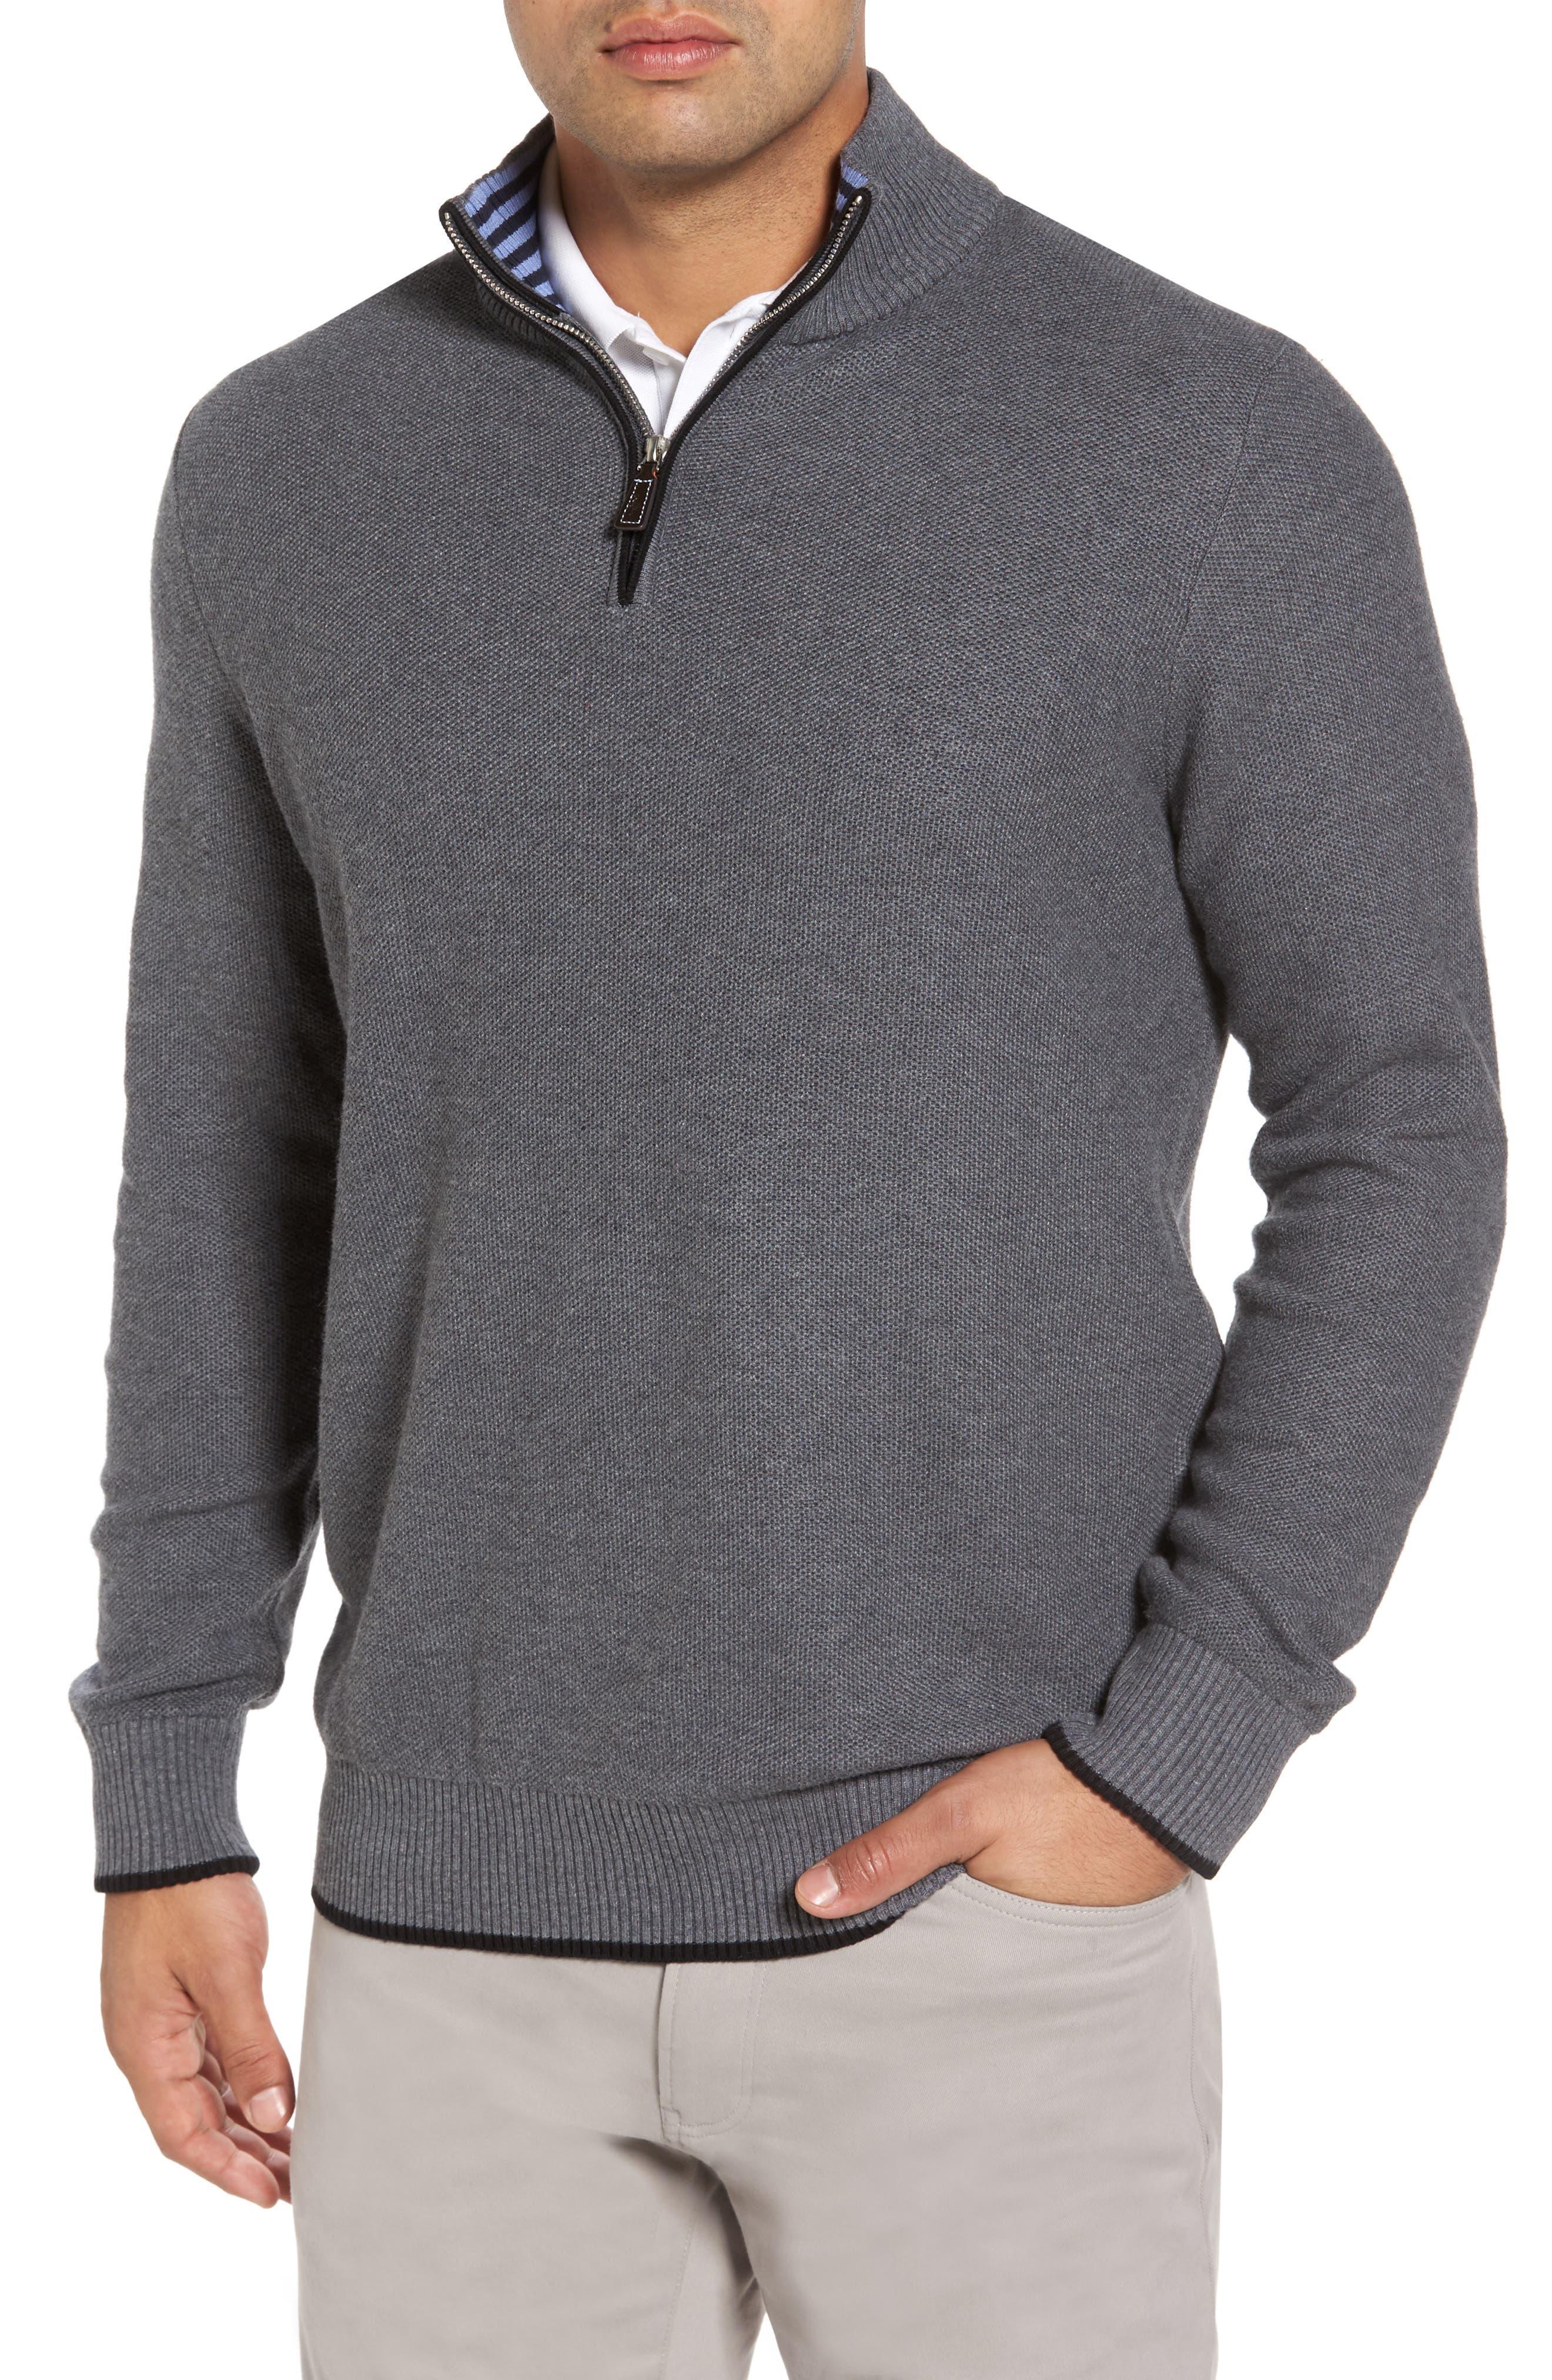 TailorByrd Kinder Quarter Zip Pullover